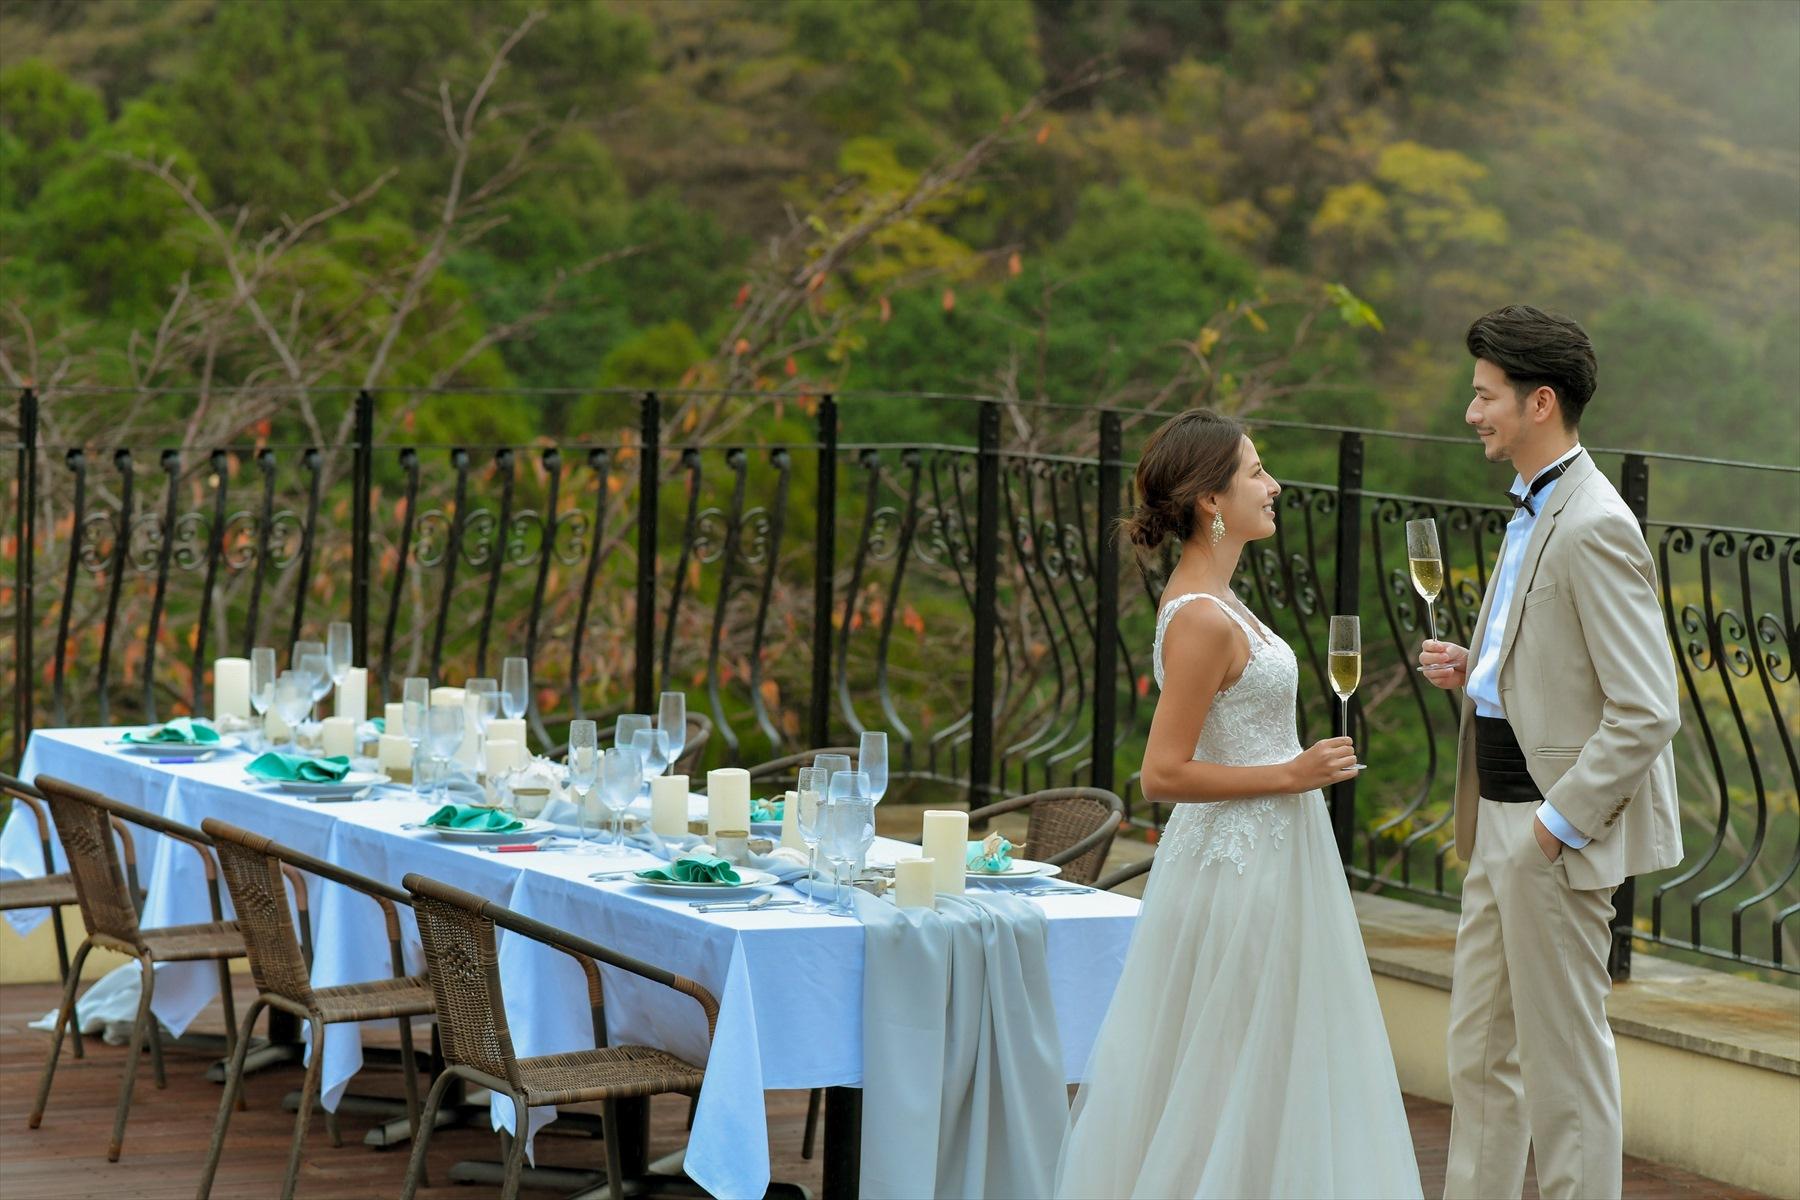 東静岡熱海結婚式場 邸宅貸切ウェディング 熱海スパ&リゾート